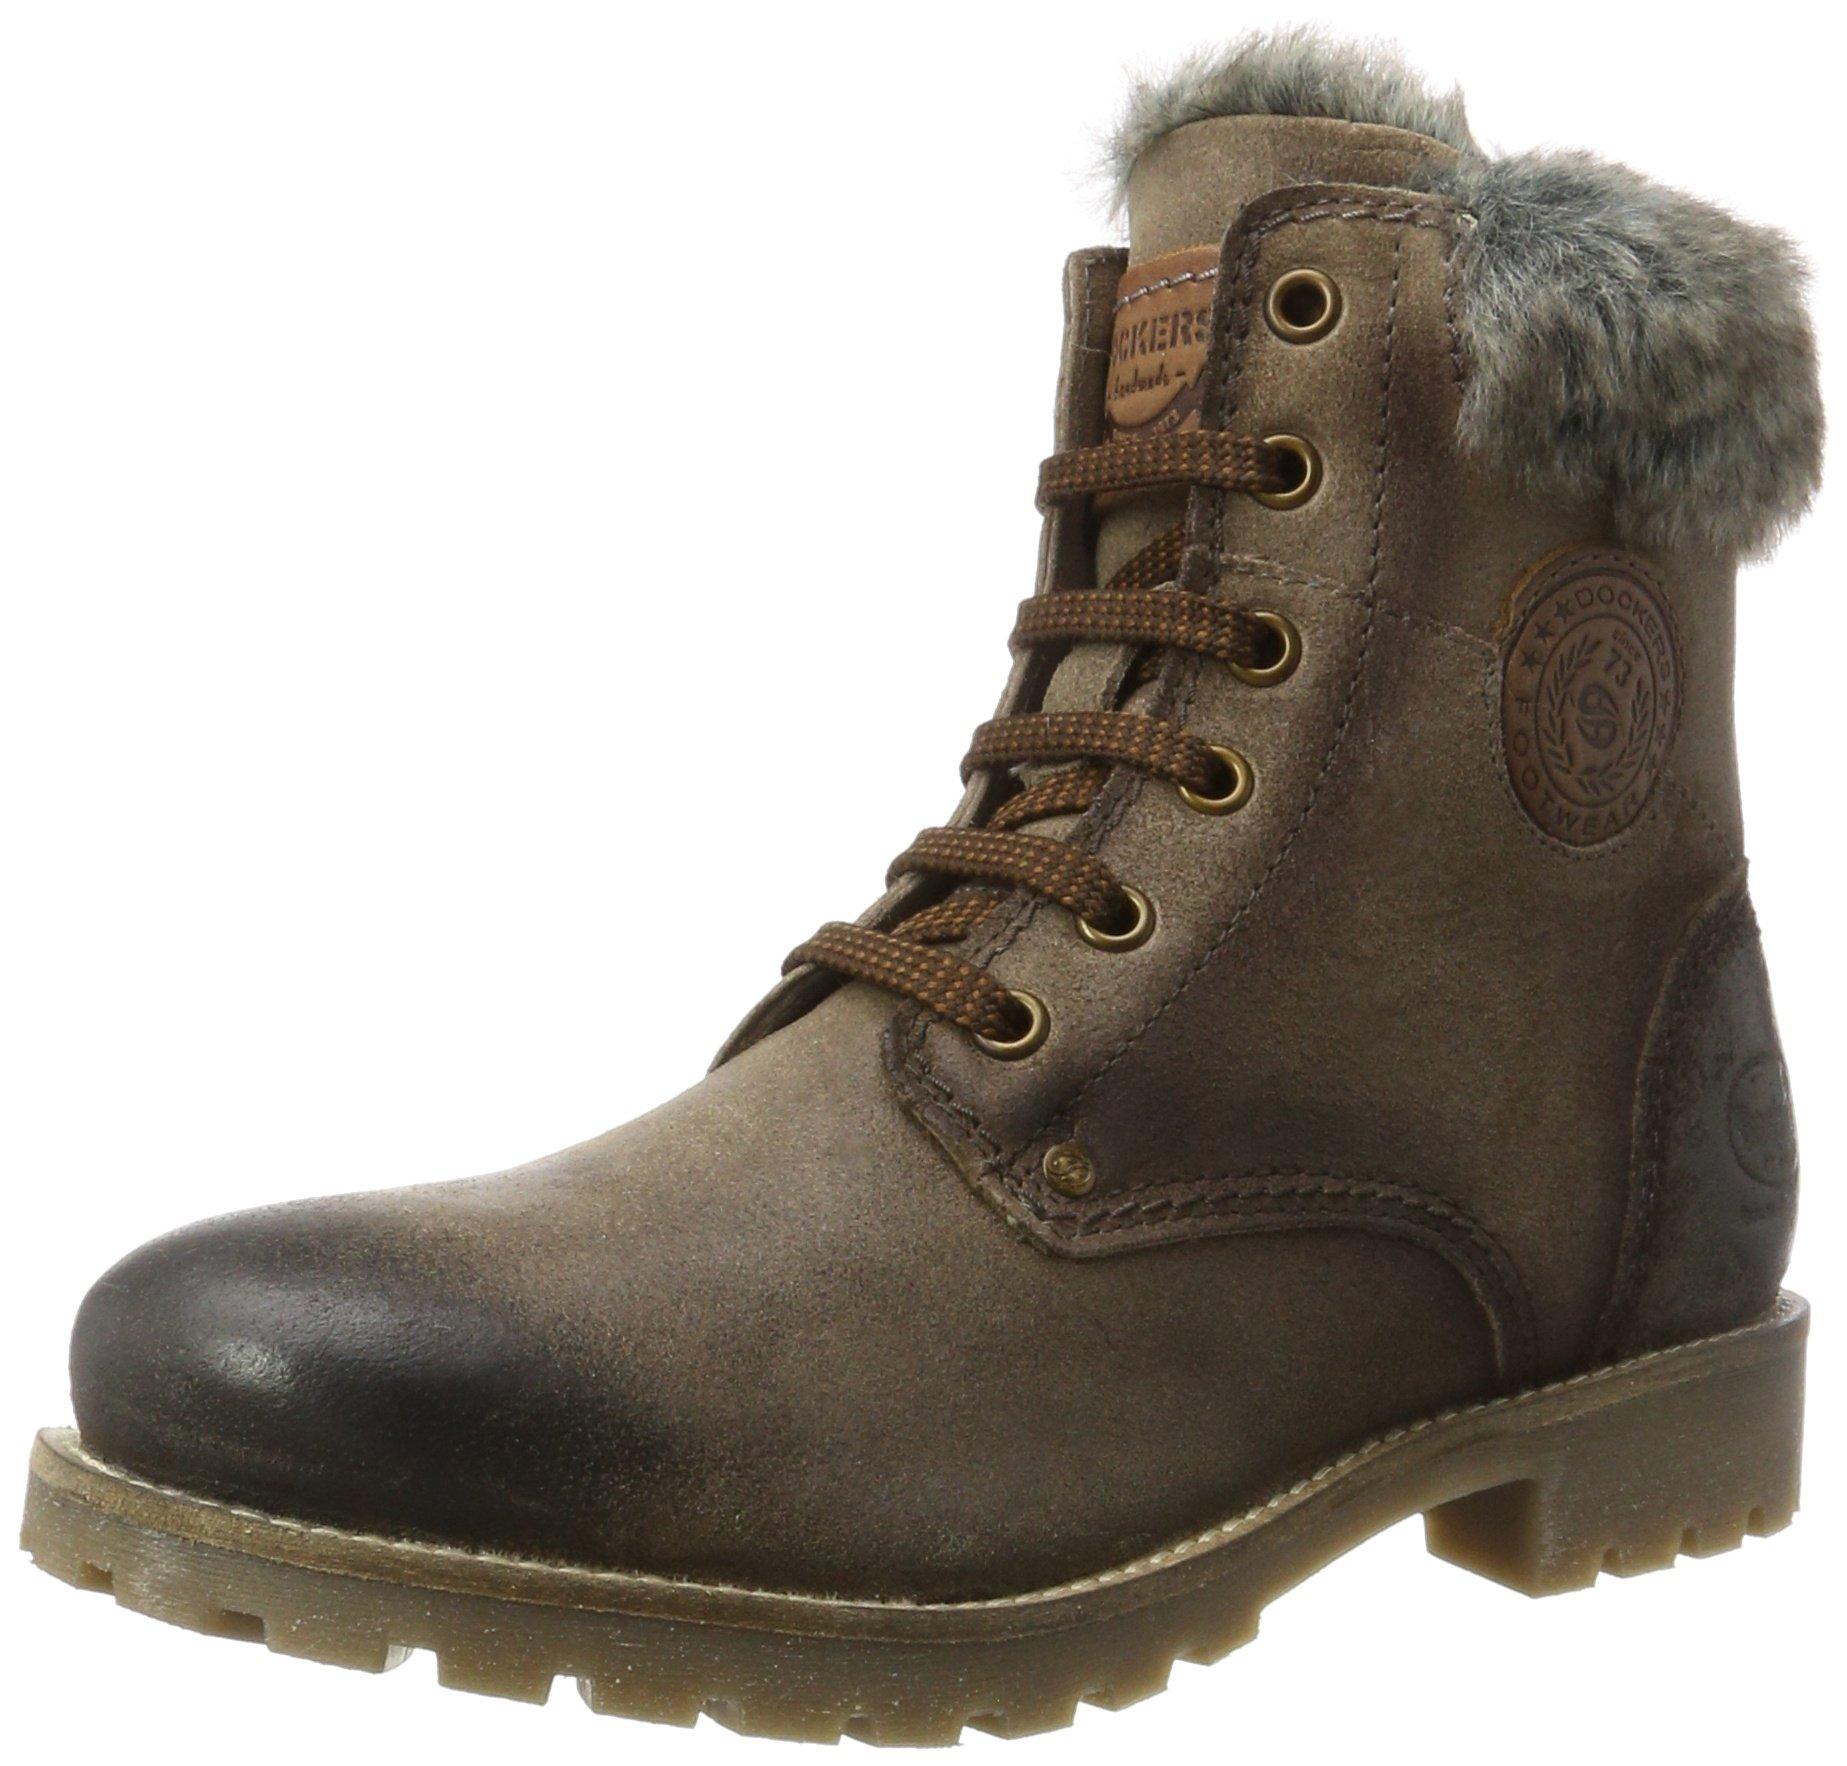 By 240Desert Eu FemmeGristaupe40 41hl301 Boots Dockers Gerli lTK3FJc1